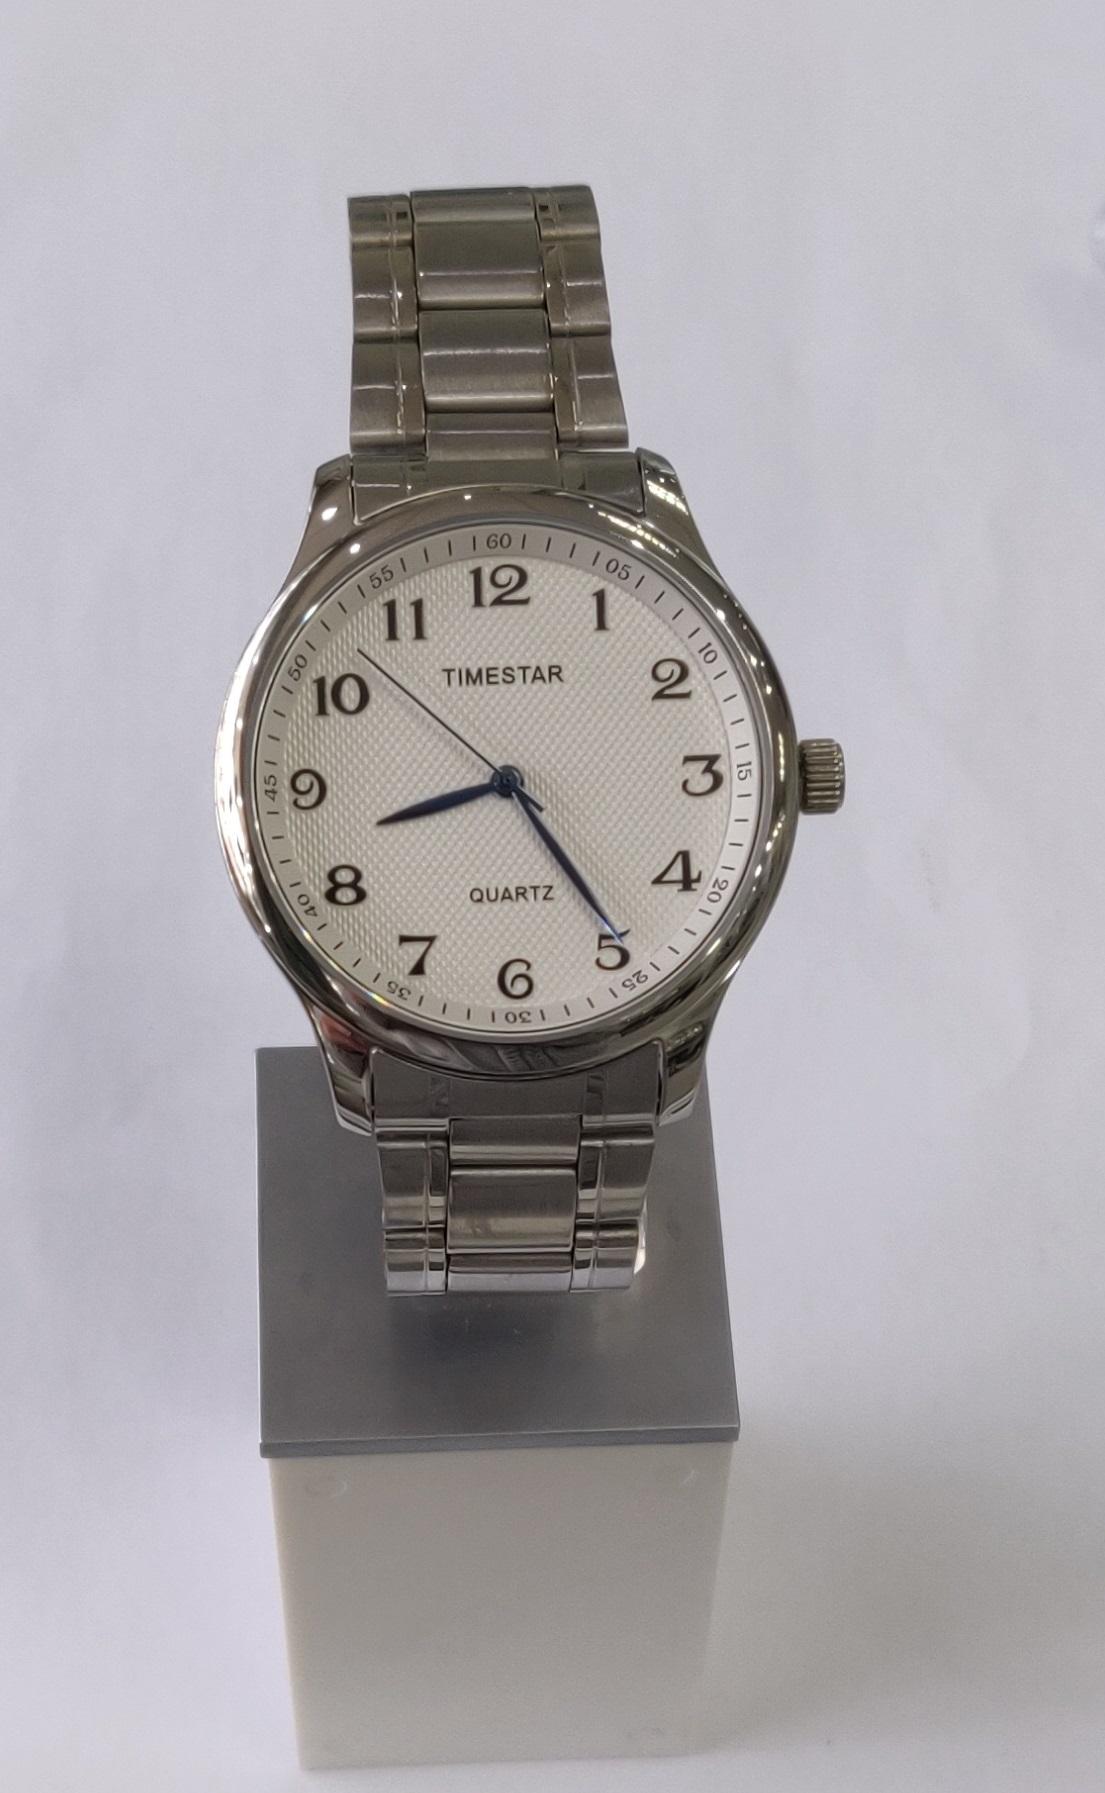 Timestar 3807M-1 Férfi karóra – Karóra Shop a92c6aedf6